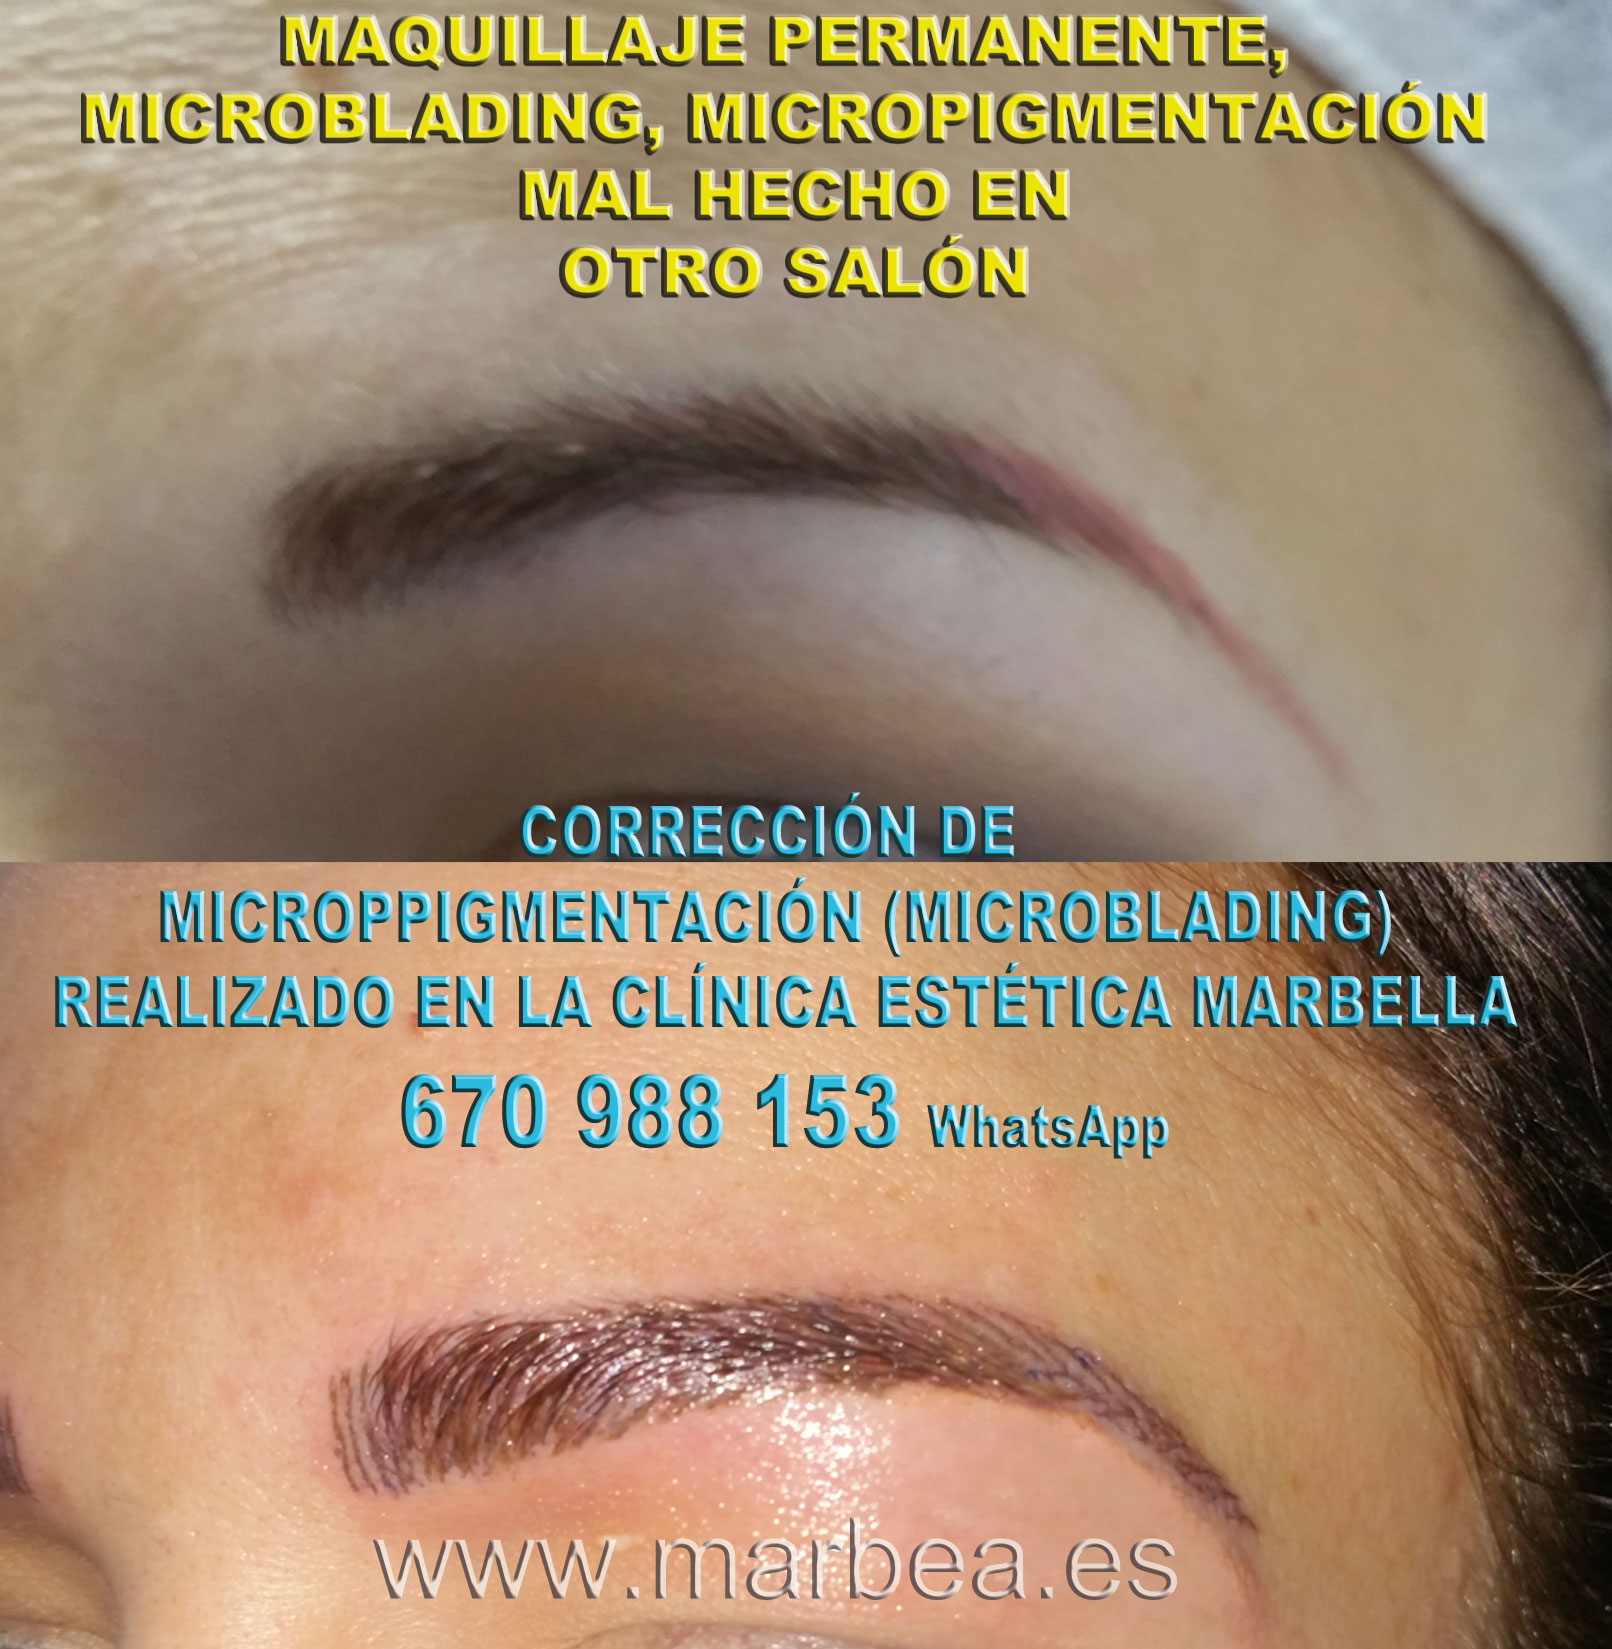 Borrar maquillaje permanente mal hecha clínica estética microblading ofrece como aclarar la micropigmentación cejas,reparamos microppigmentacion mal hechos